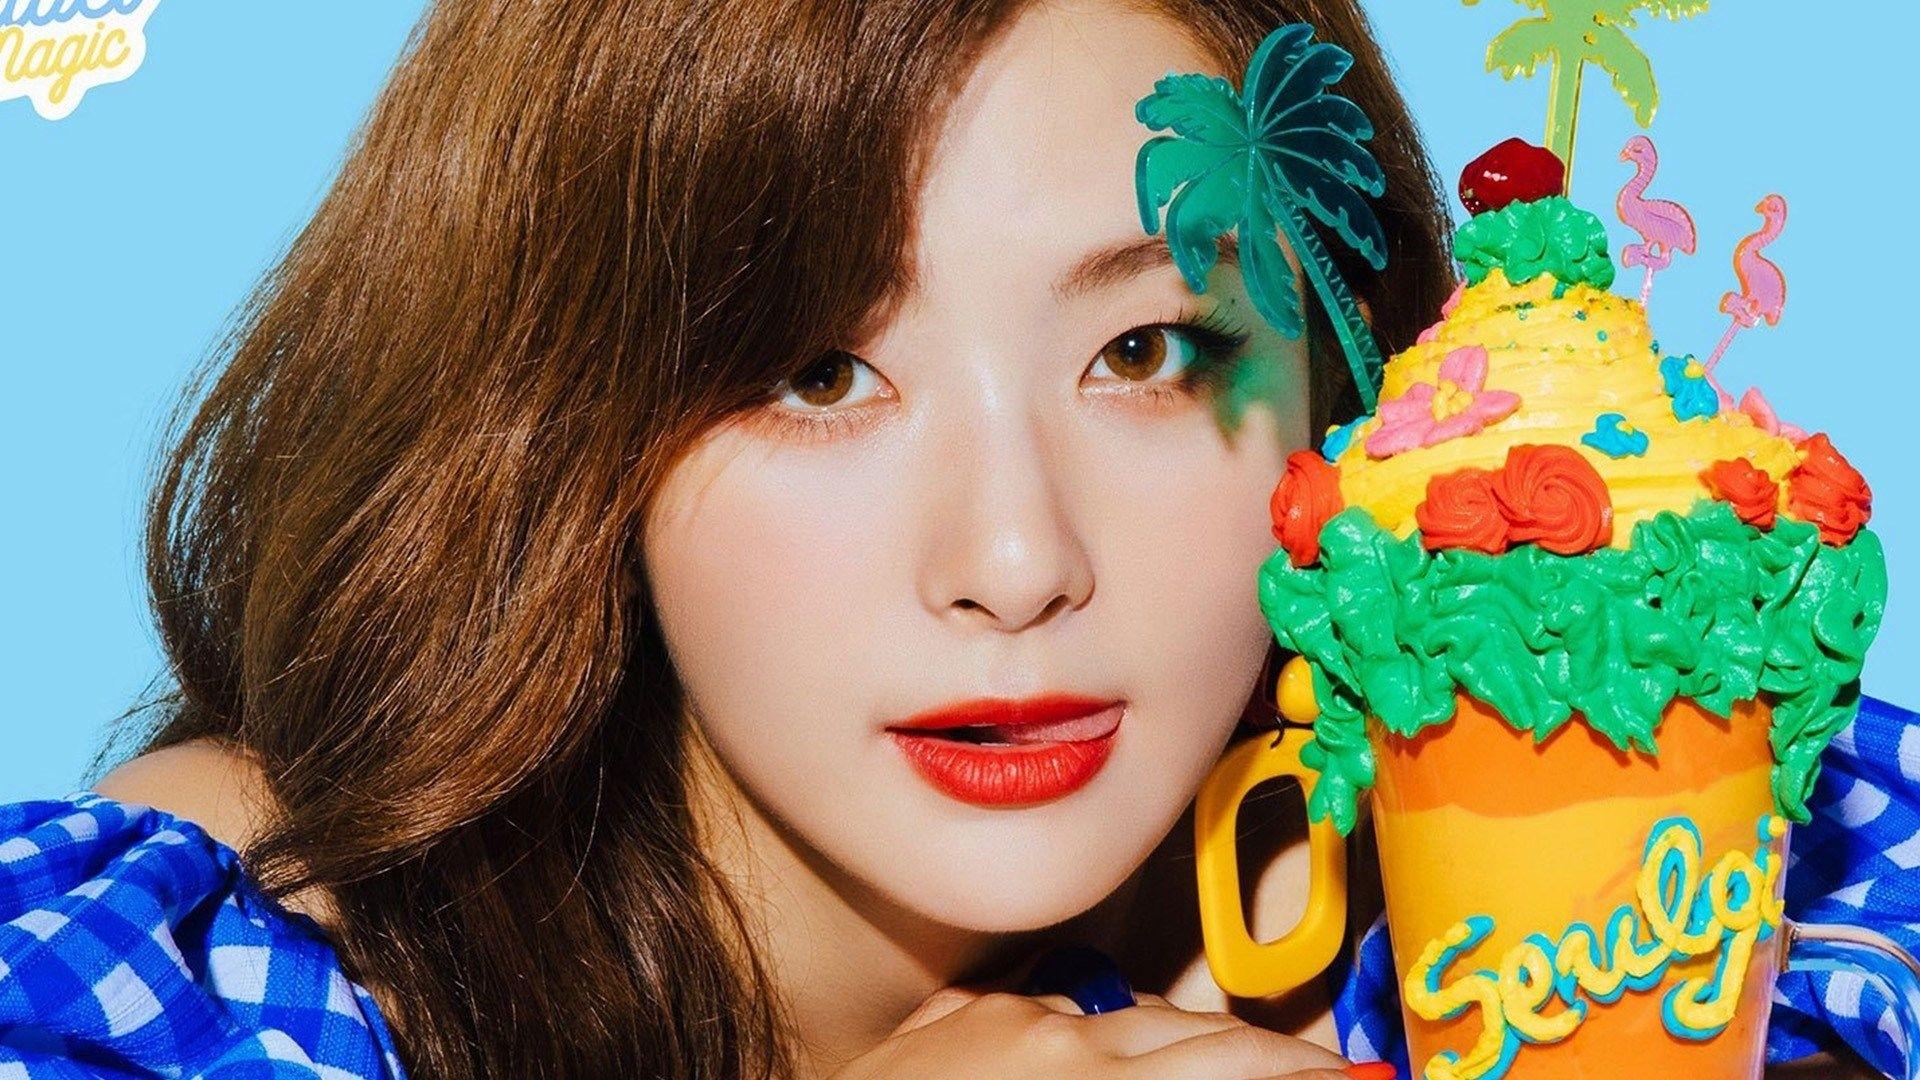 Red Velvet PC Wallpaper HD